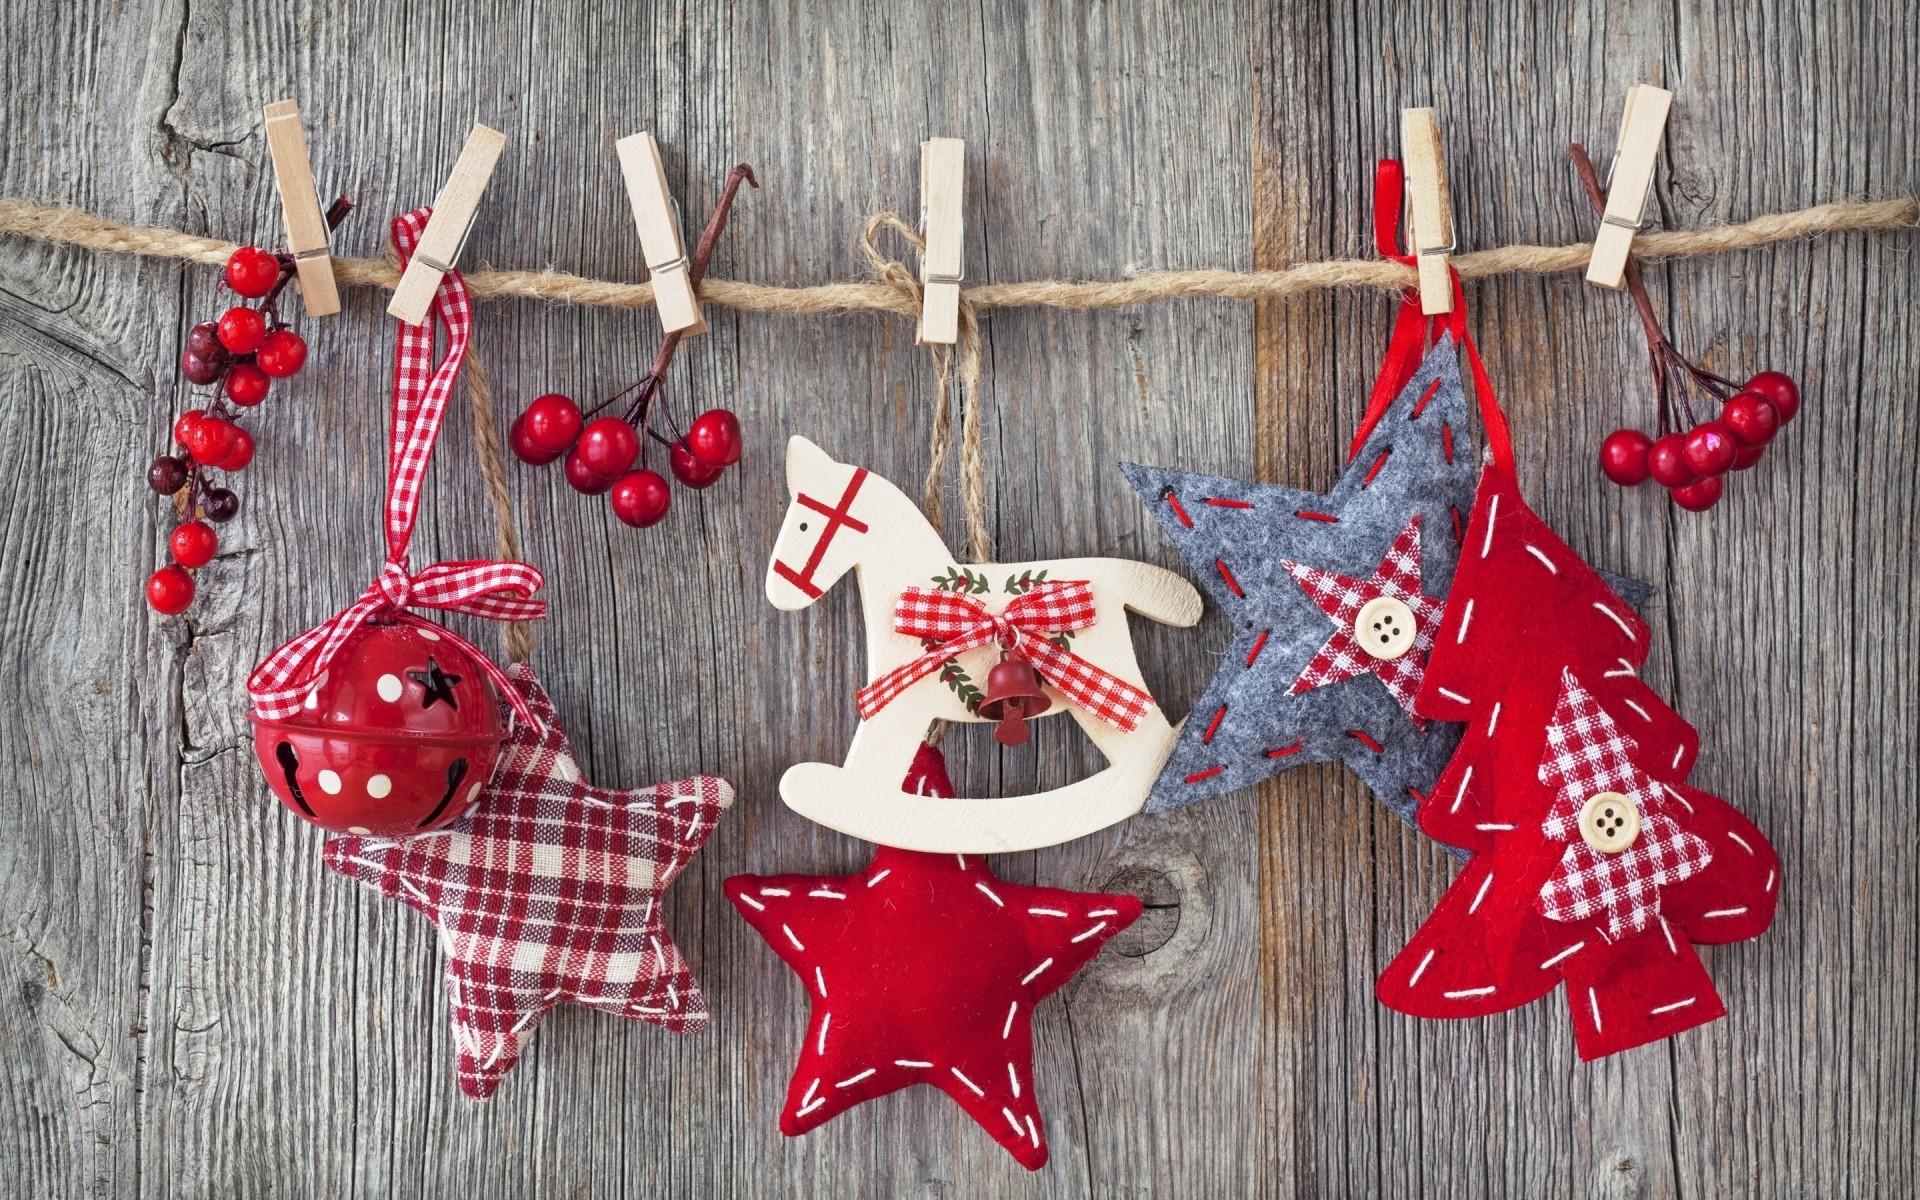 Новогодние игрушки и украшения на новый год своими руками